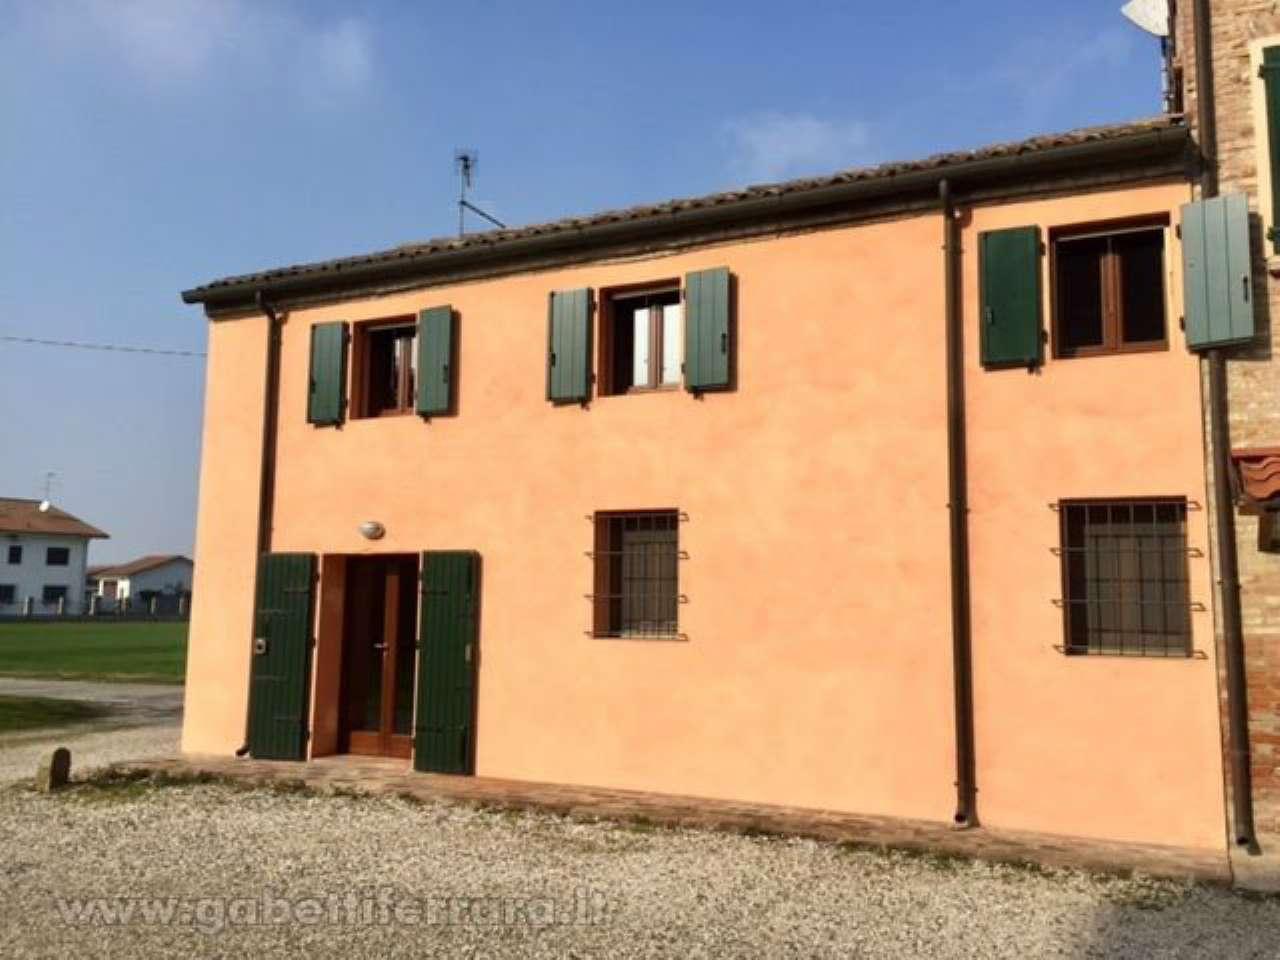 Casa indipendente quadrilocale in vendita a Ferrara (FE)